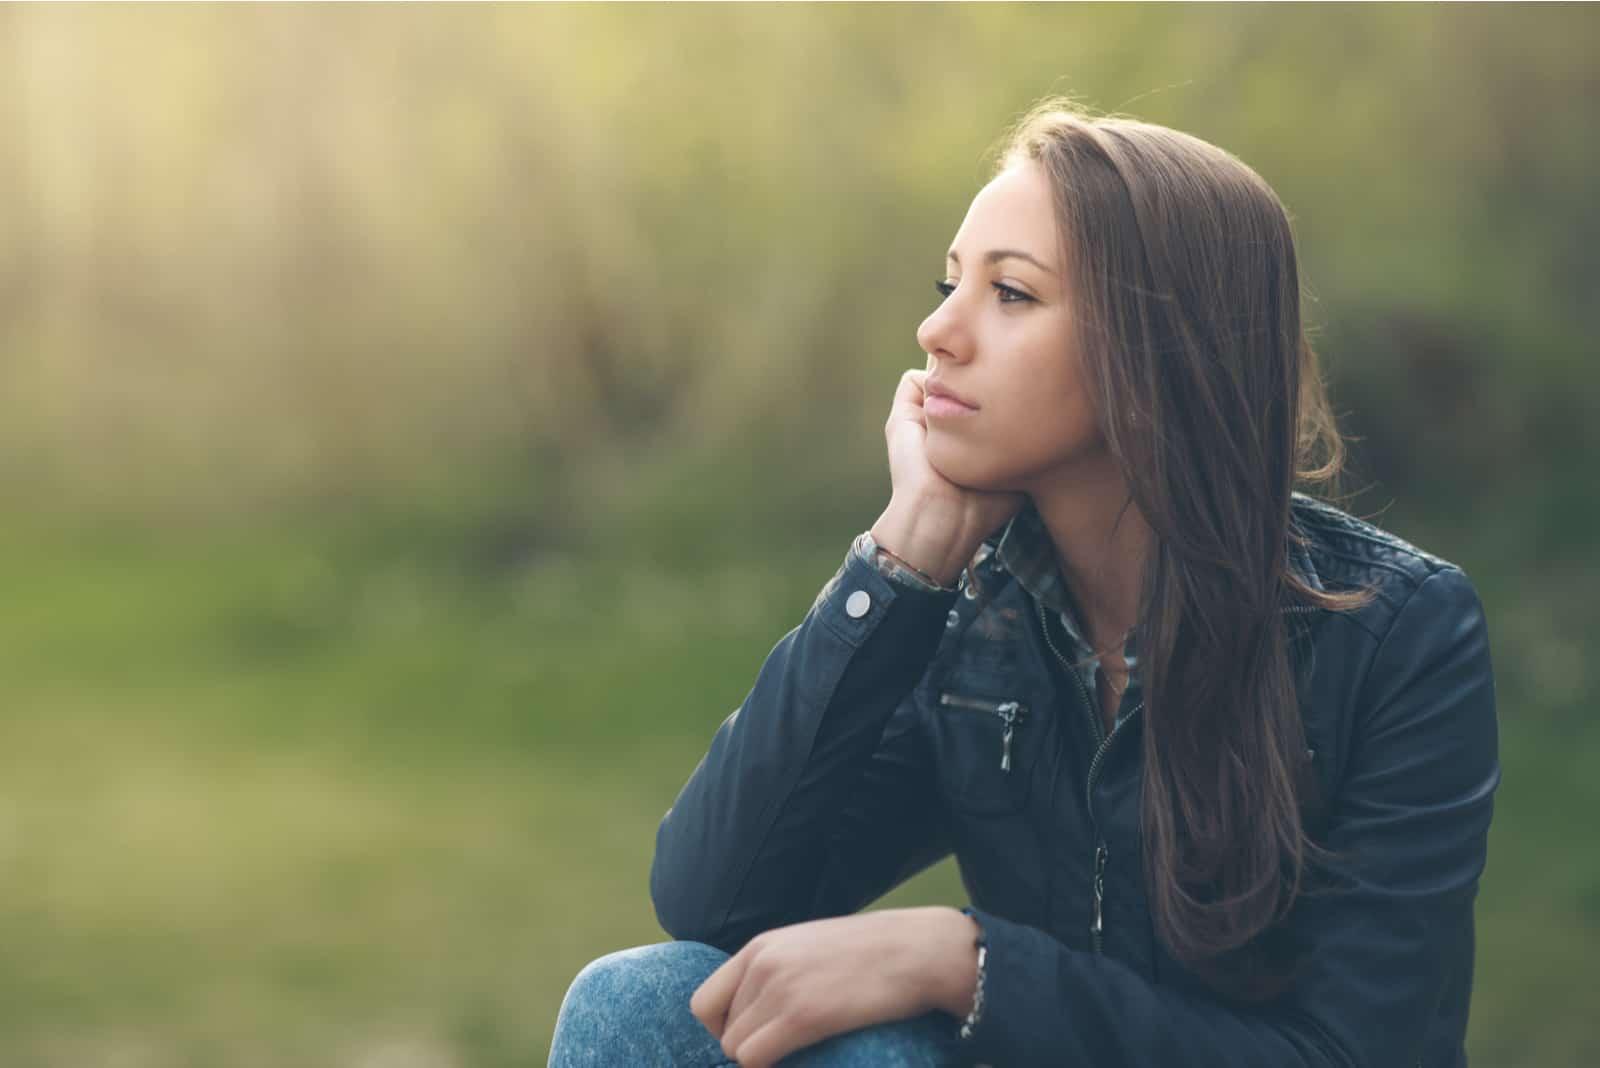 femme pensive se détendre dans le parc et assis sur l'herbe